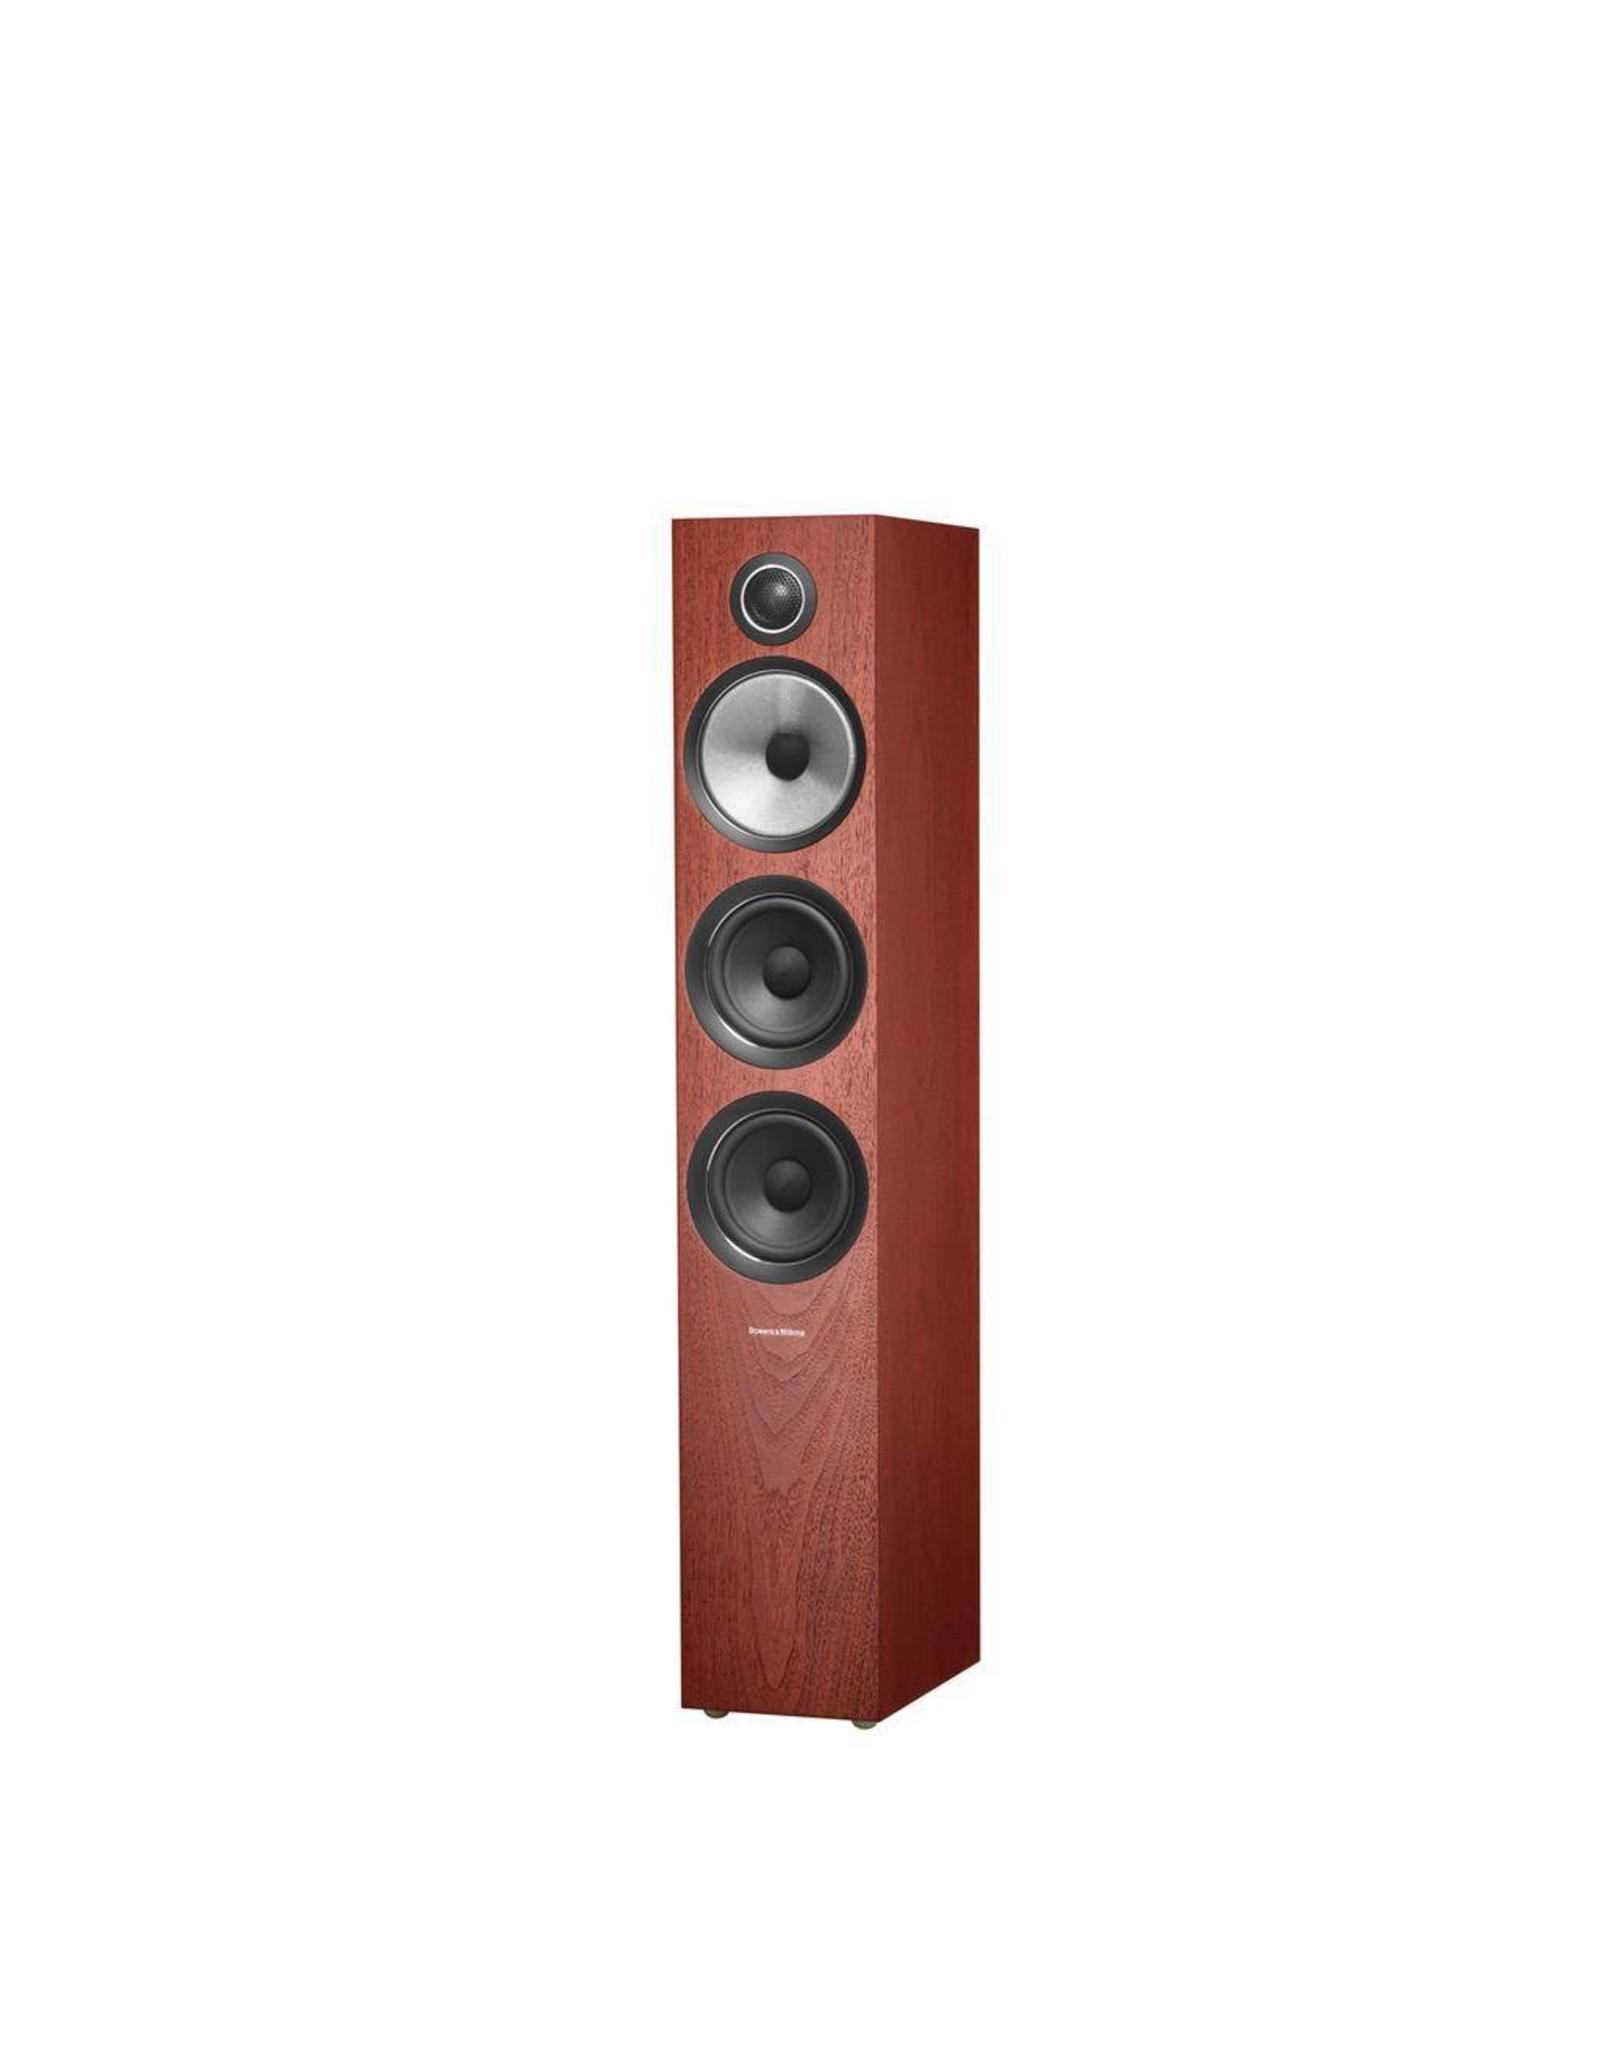 BOWERS & WILKINS 704 S2 Speakers